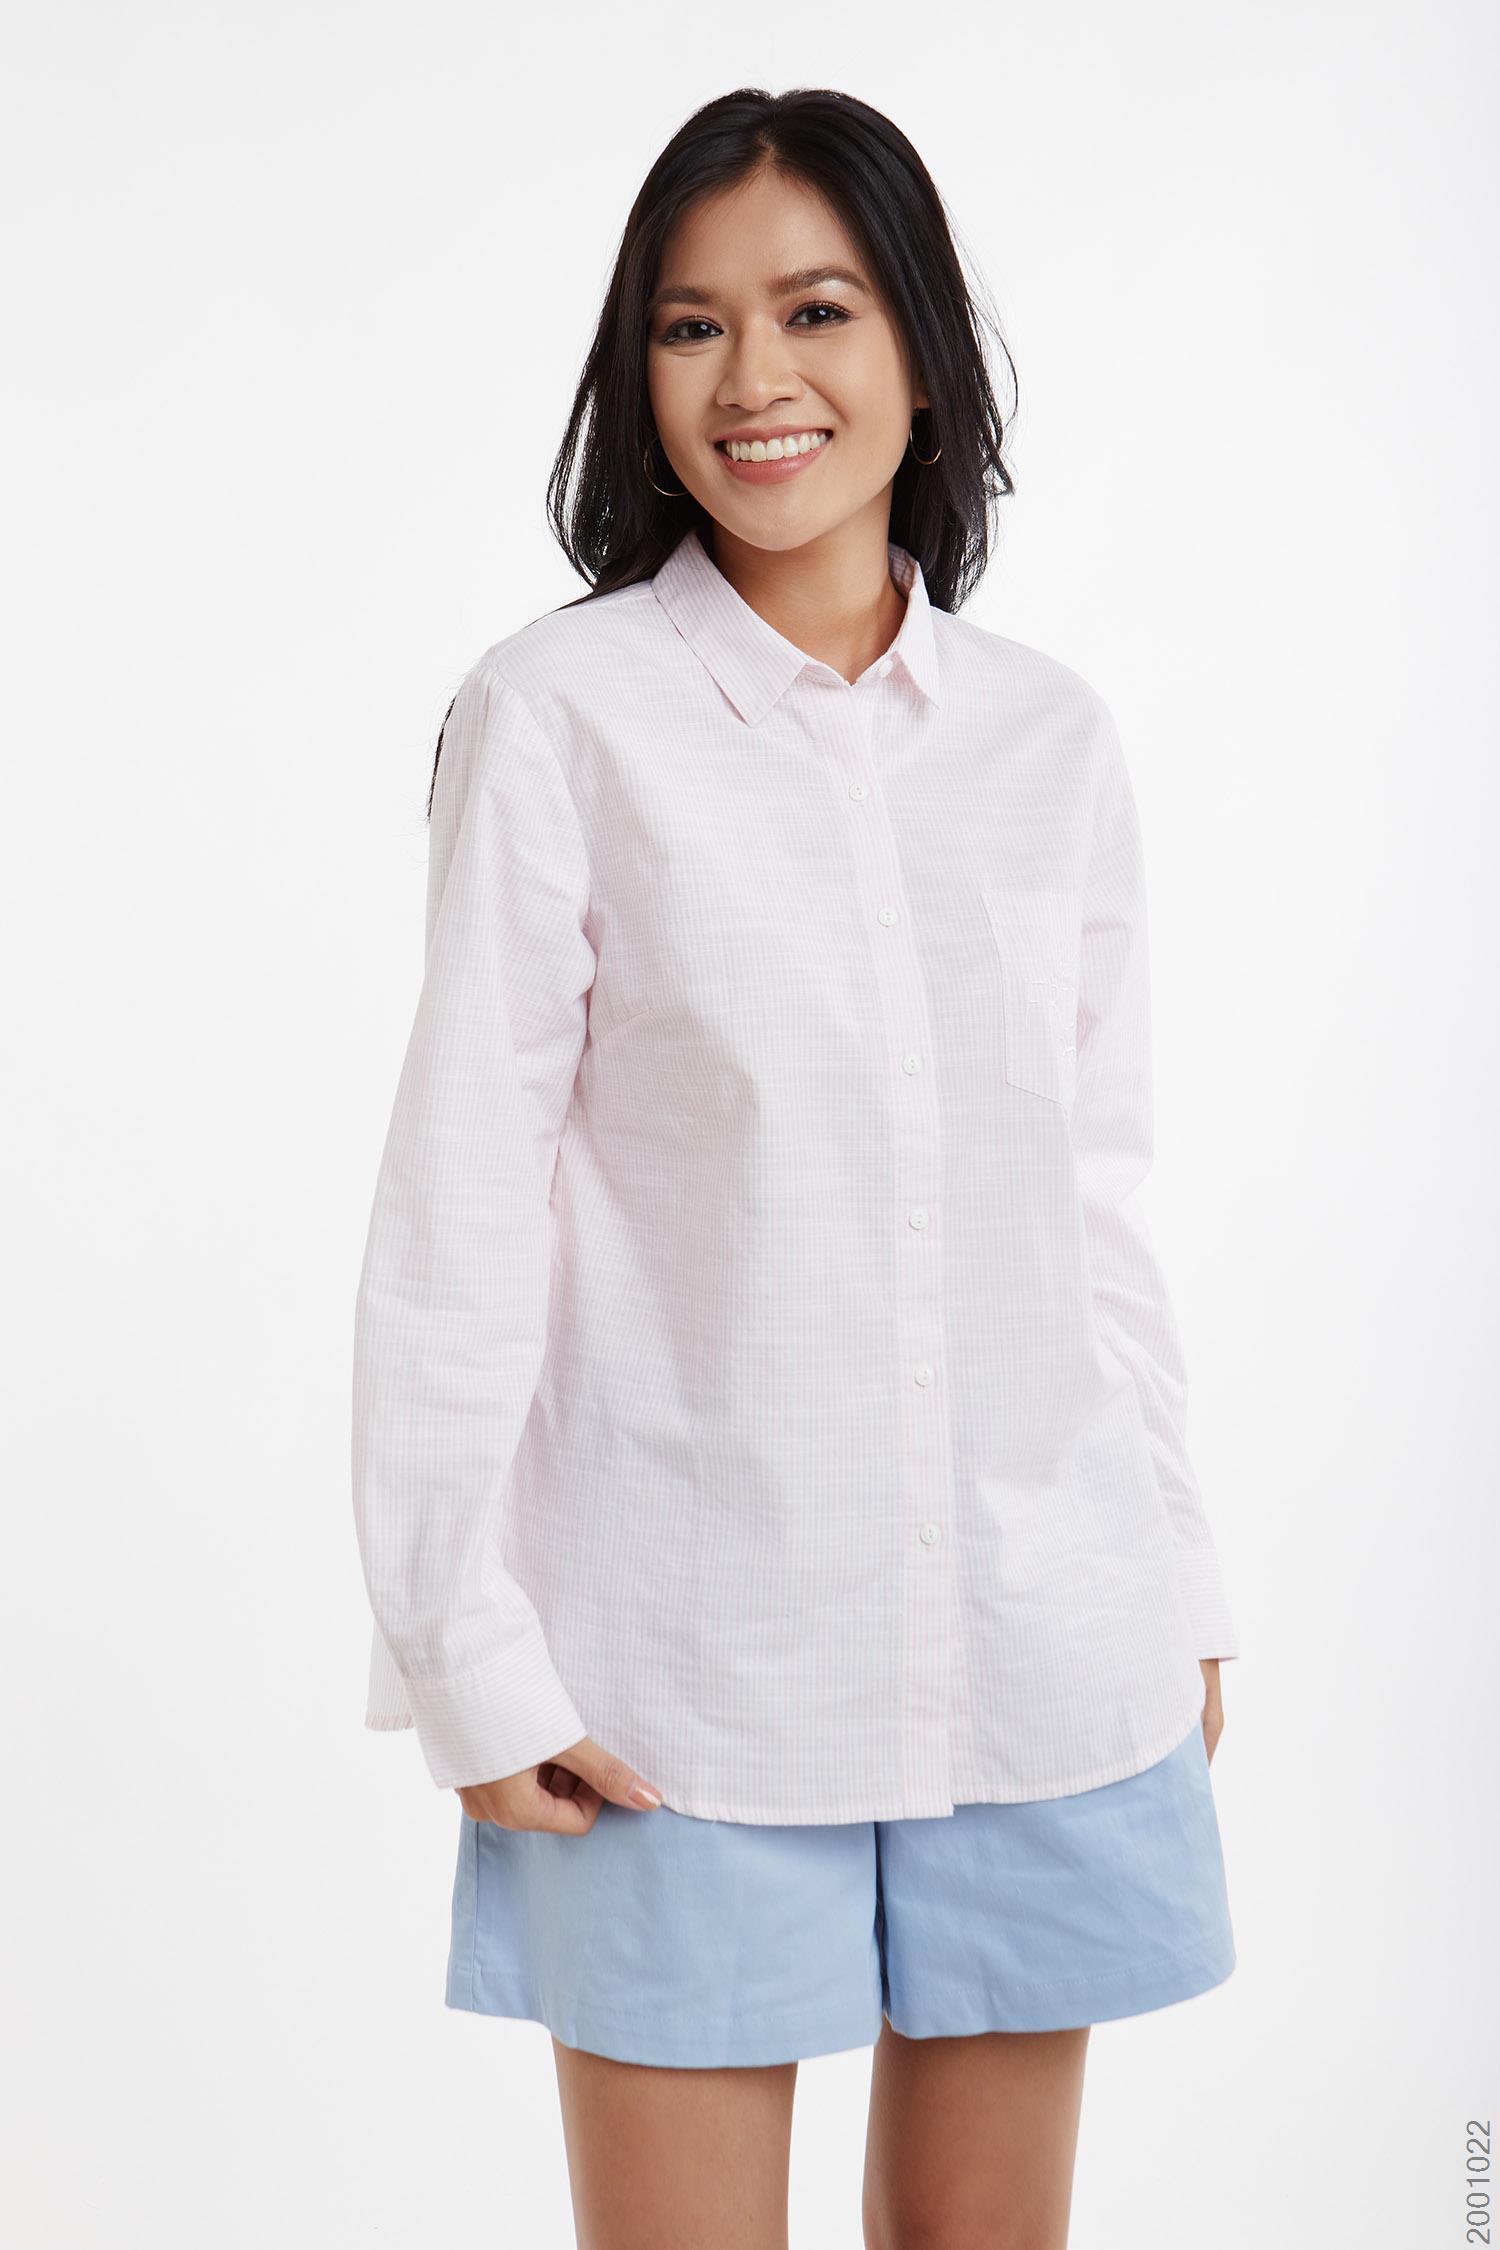 áo sơmi nữ tay dài - 2001022